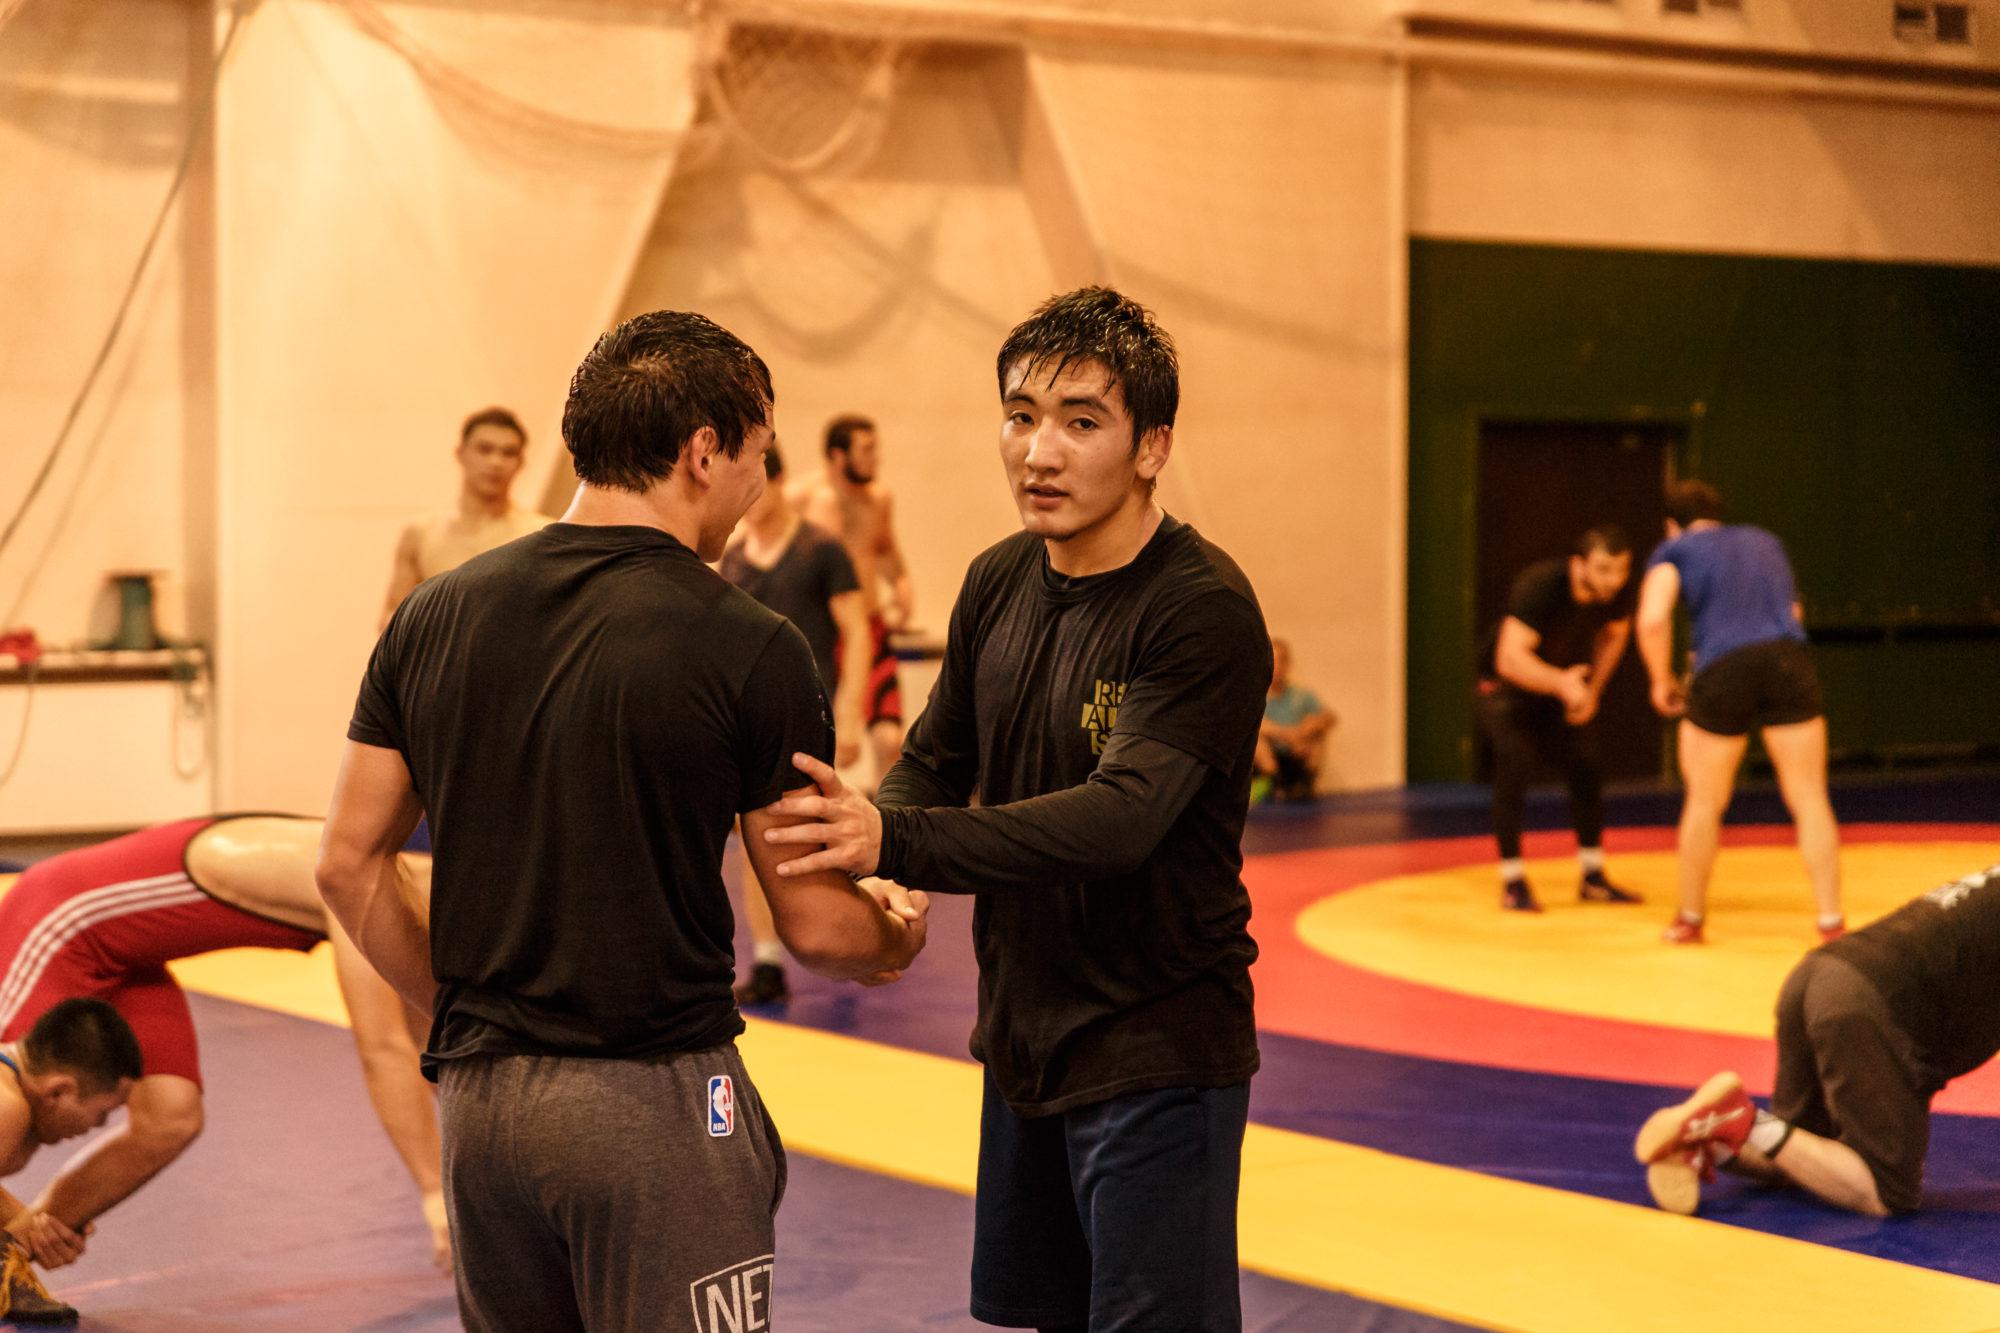 Дархан Есенғали, еркін күрес, Алматы күрес федерациясы